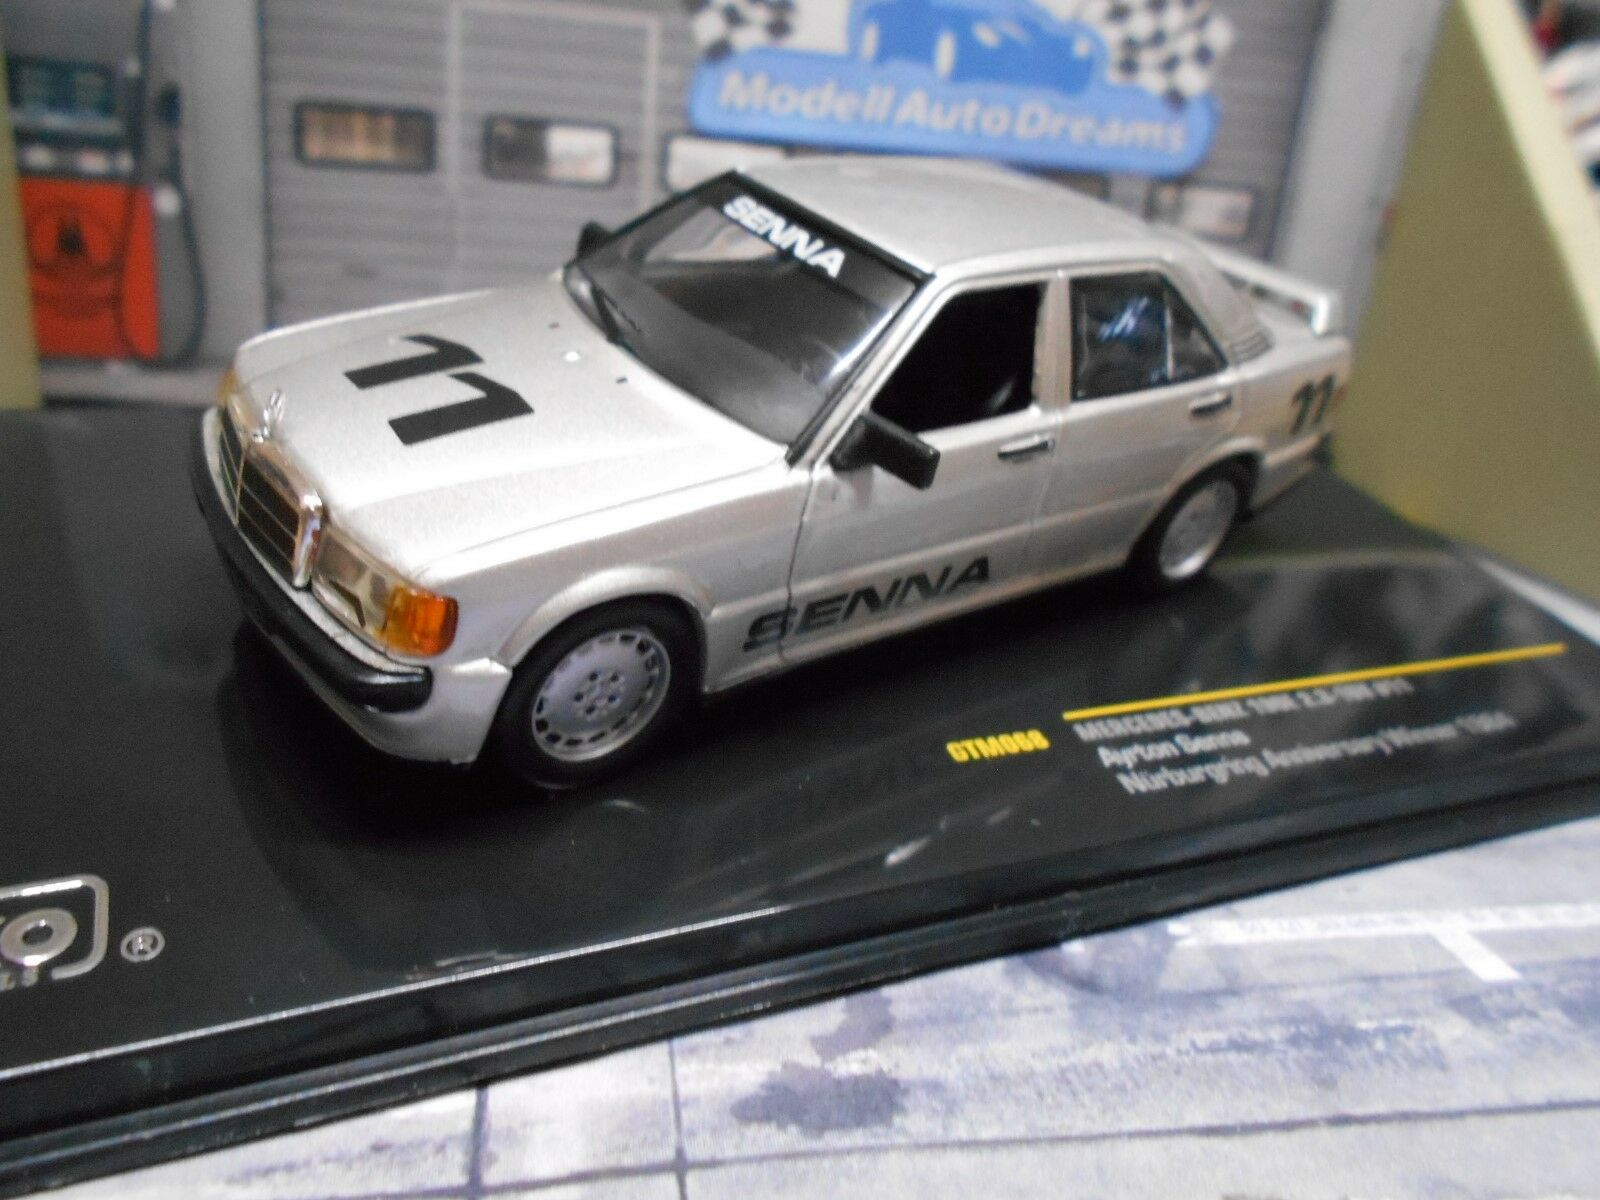 MERCEDES MERCEDES MERCEDES BENZ 190E 190 2.3-16V Nürburgring 1987  11 Senna Winner Sieger  1 43  | Niedrige Kosten  07ca4b